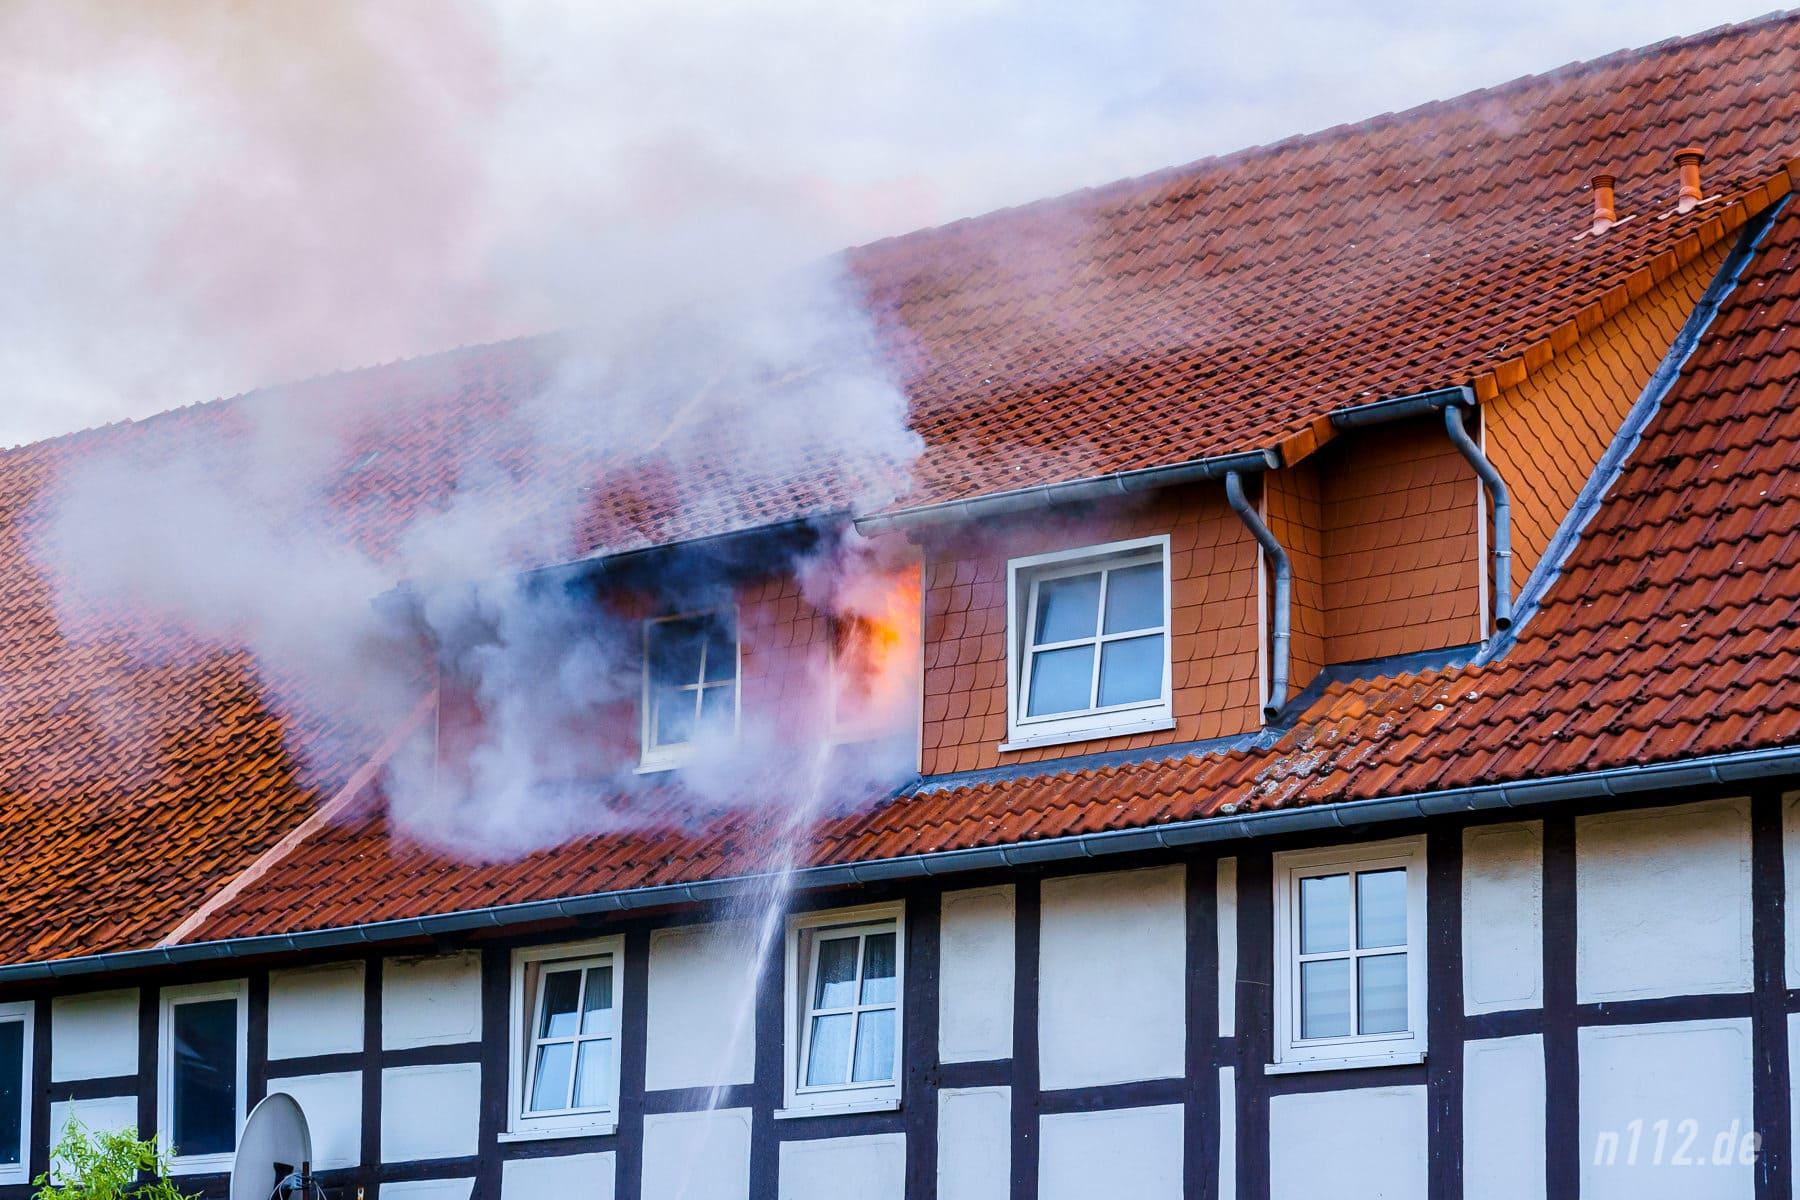 Das offene Feuer wurde erfolgreich daran gehindert, durch die Gaube auf das Dach überzuschlagen (Foto: n112.de/Stefan Simonsen)